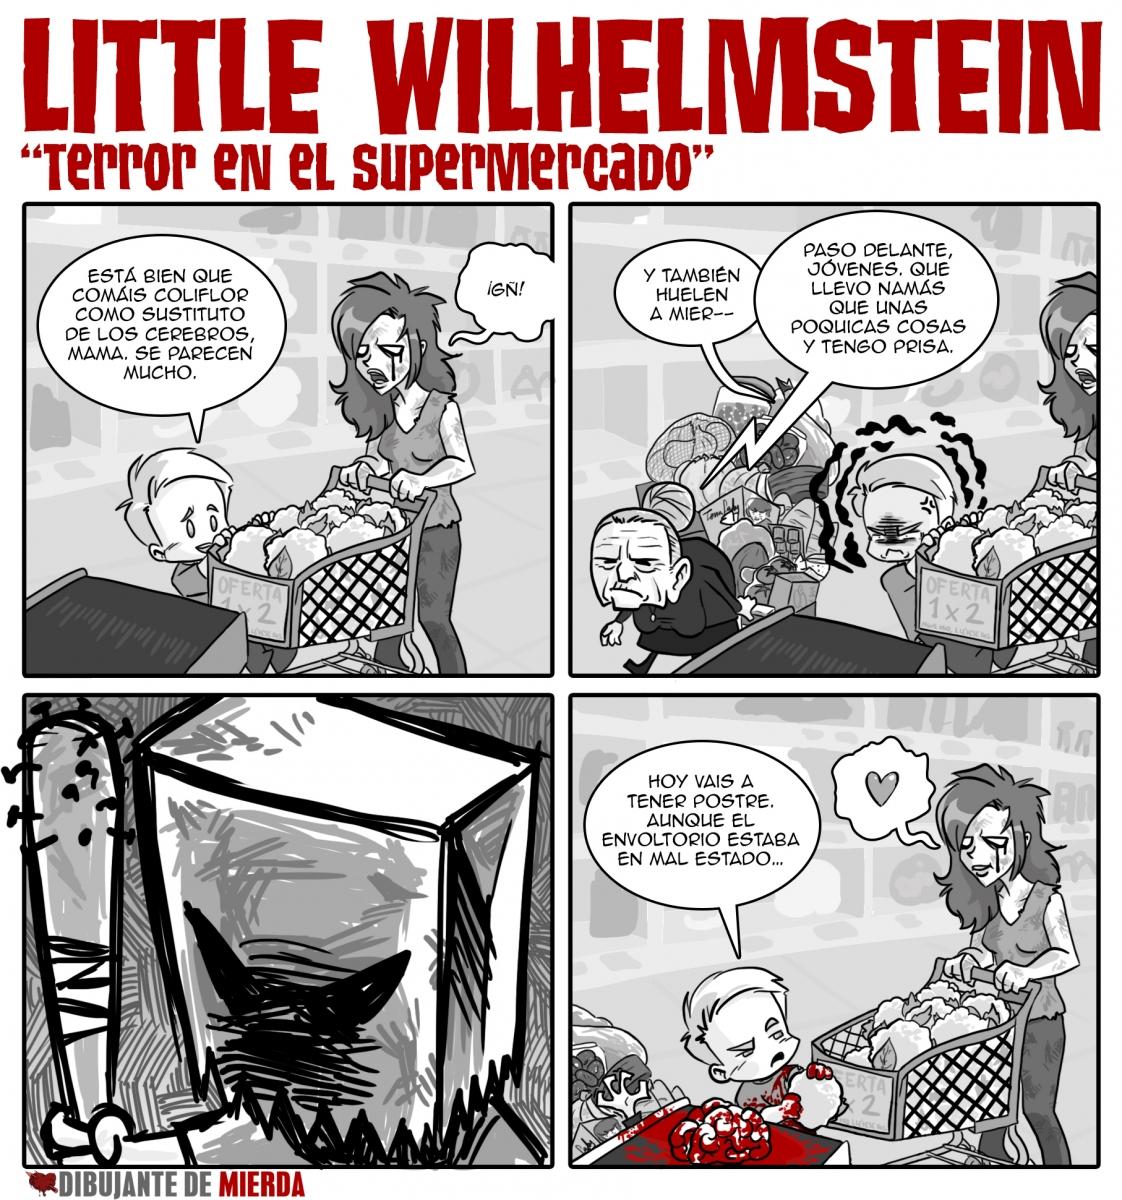 Wilhelm-Terror-en-el-supermercado-web